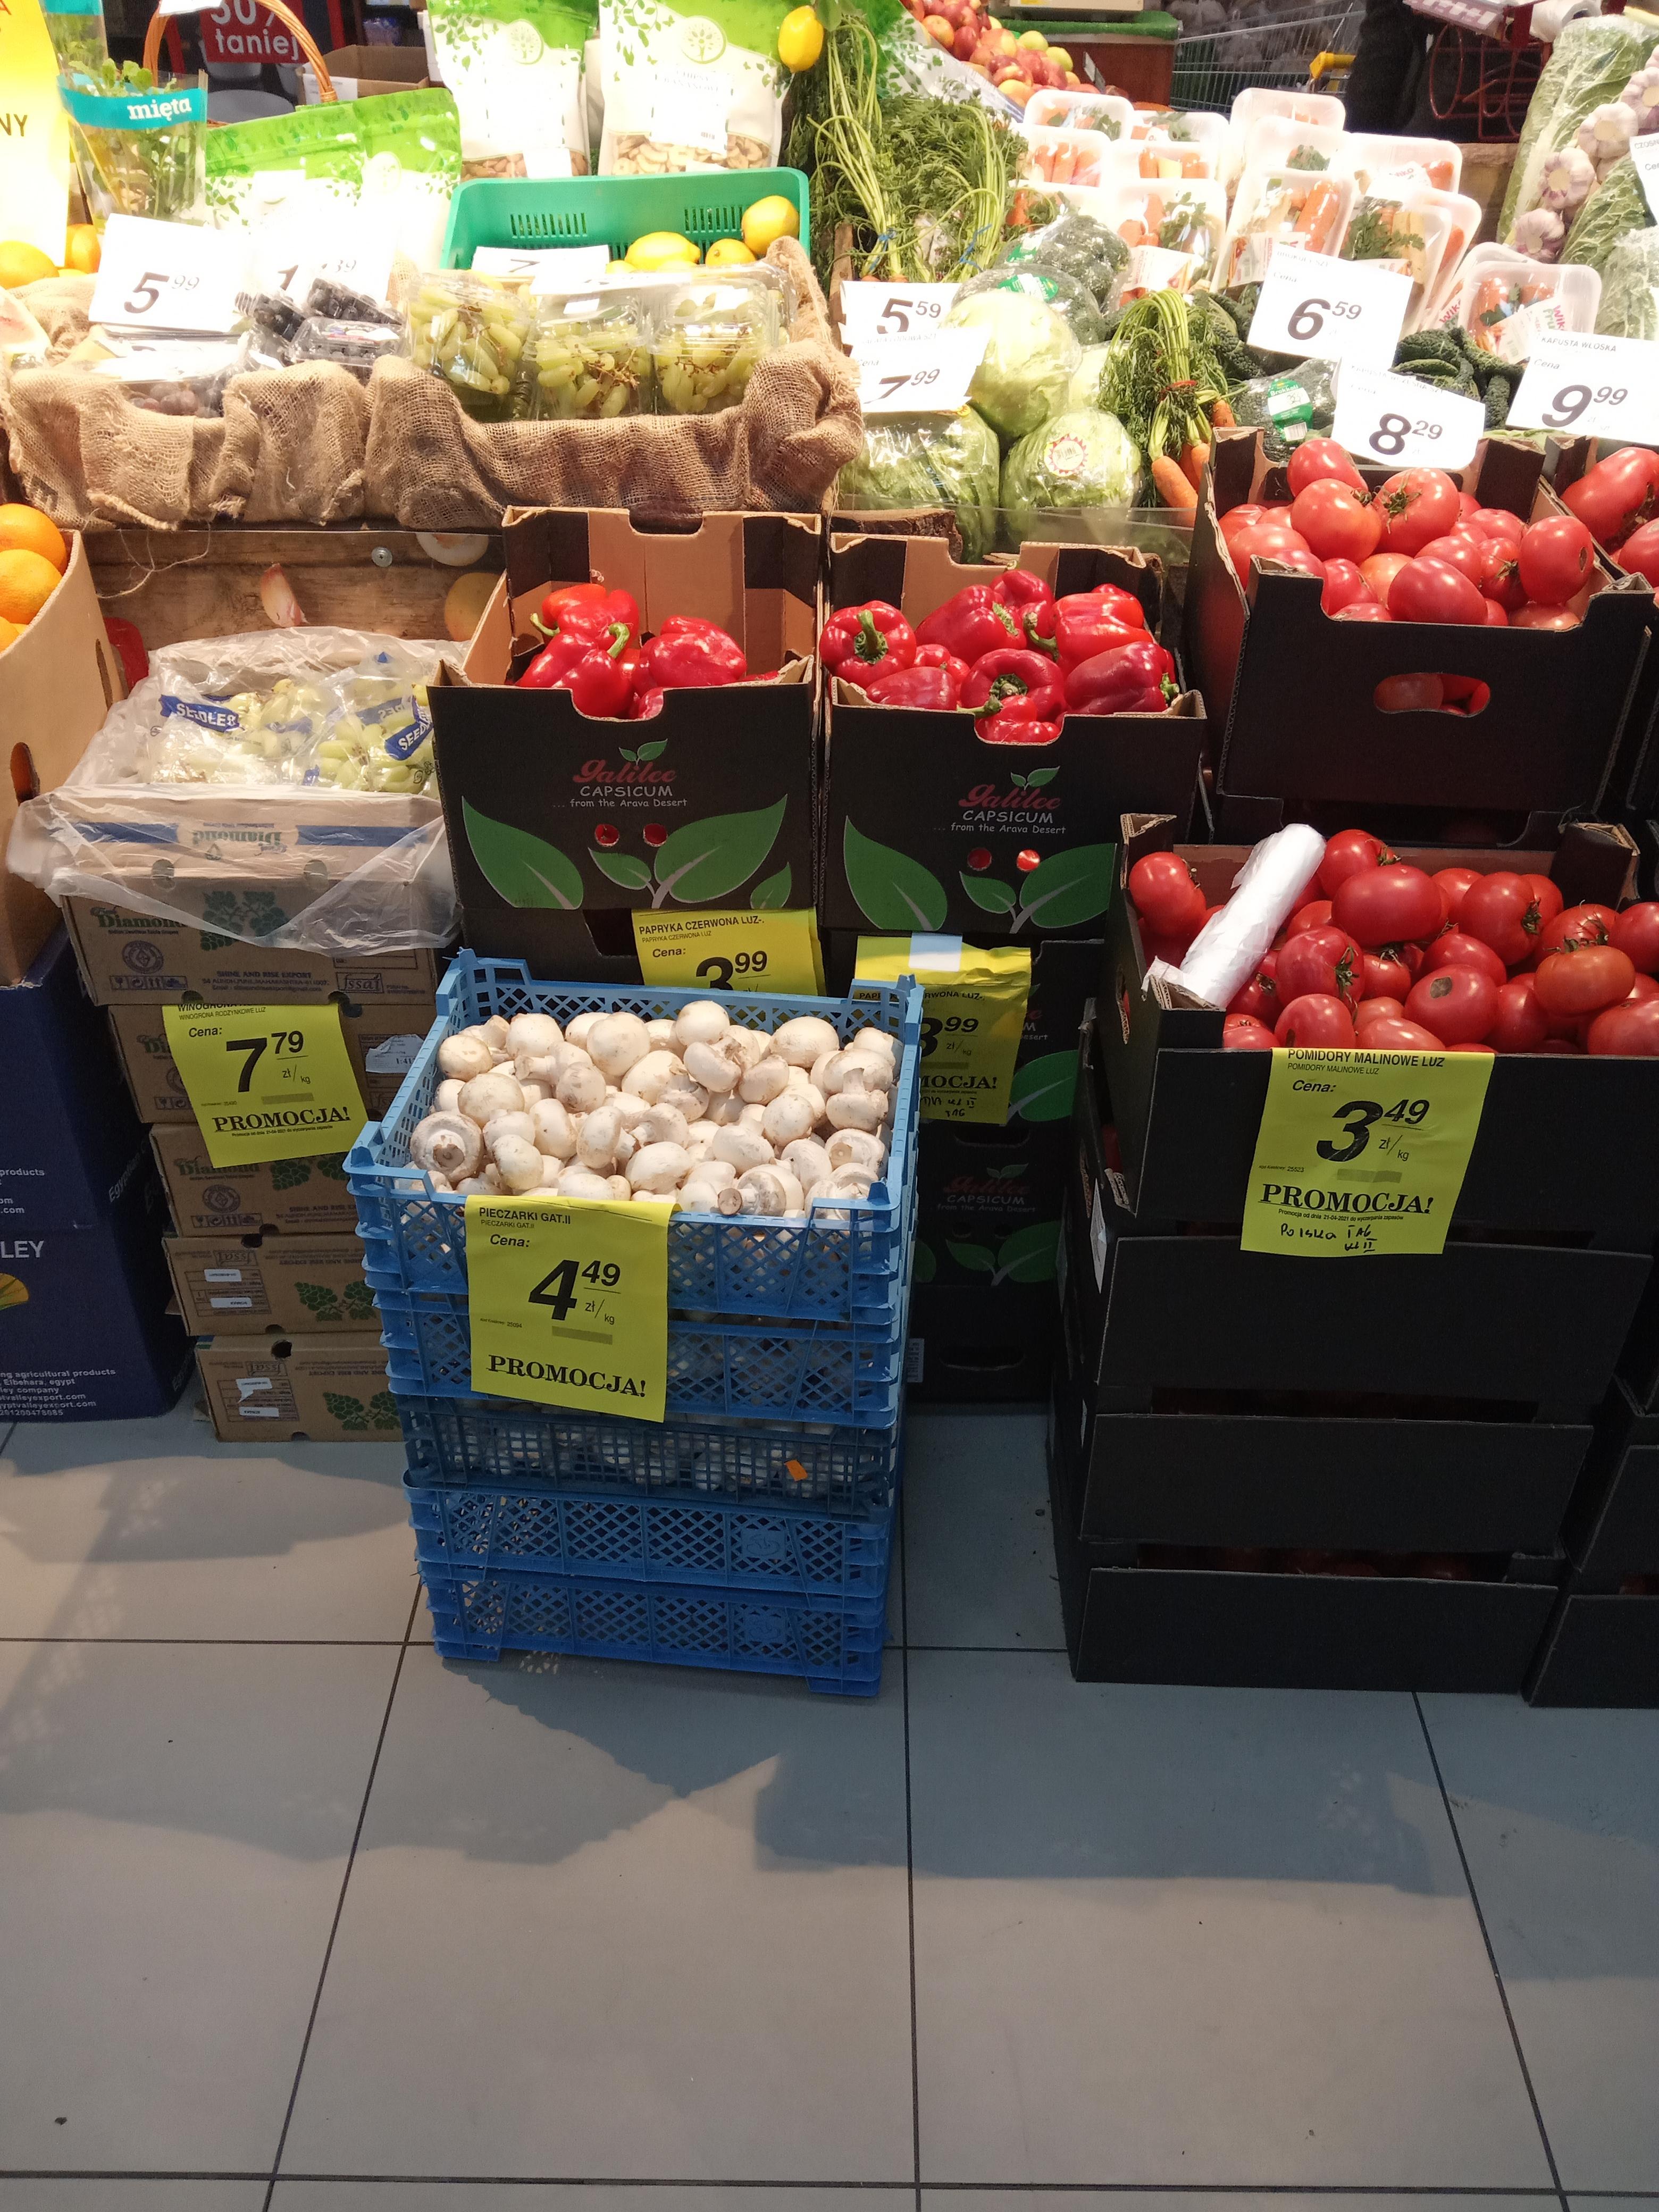 Polskie pomidory malinowe 3,49 zł/kg, żółte 1,99 zł/kg, śliwki 1,99 zł/kg, papryka 3,99 zł/kg PSS Społem